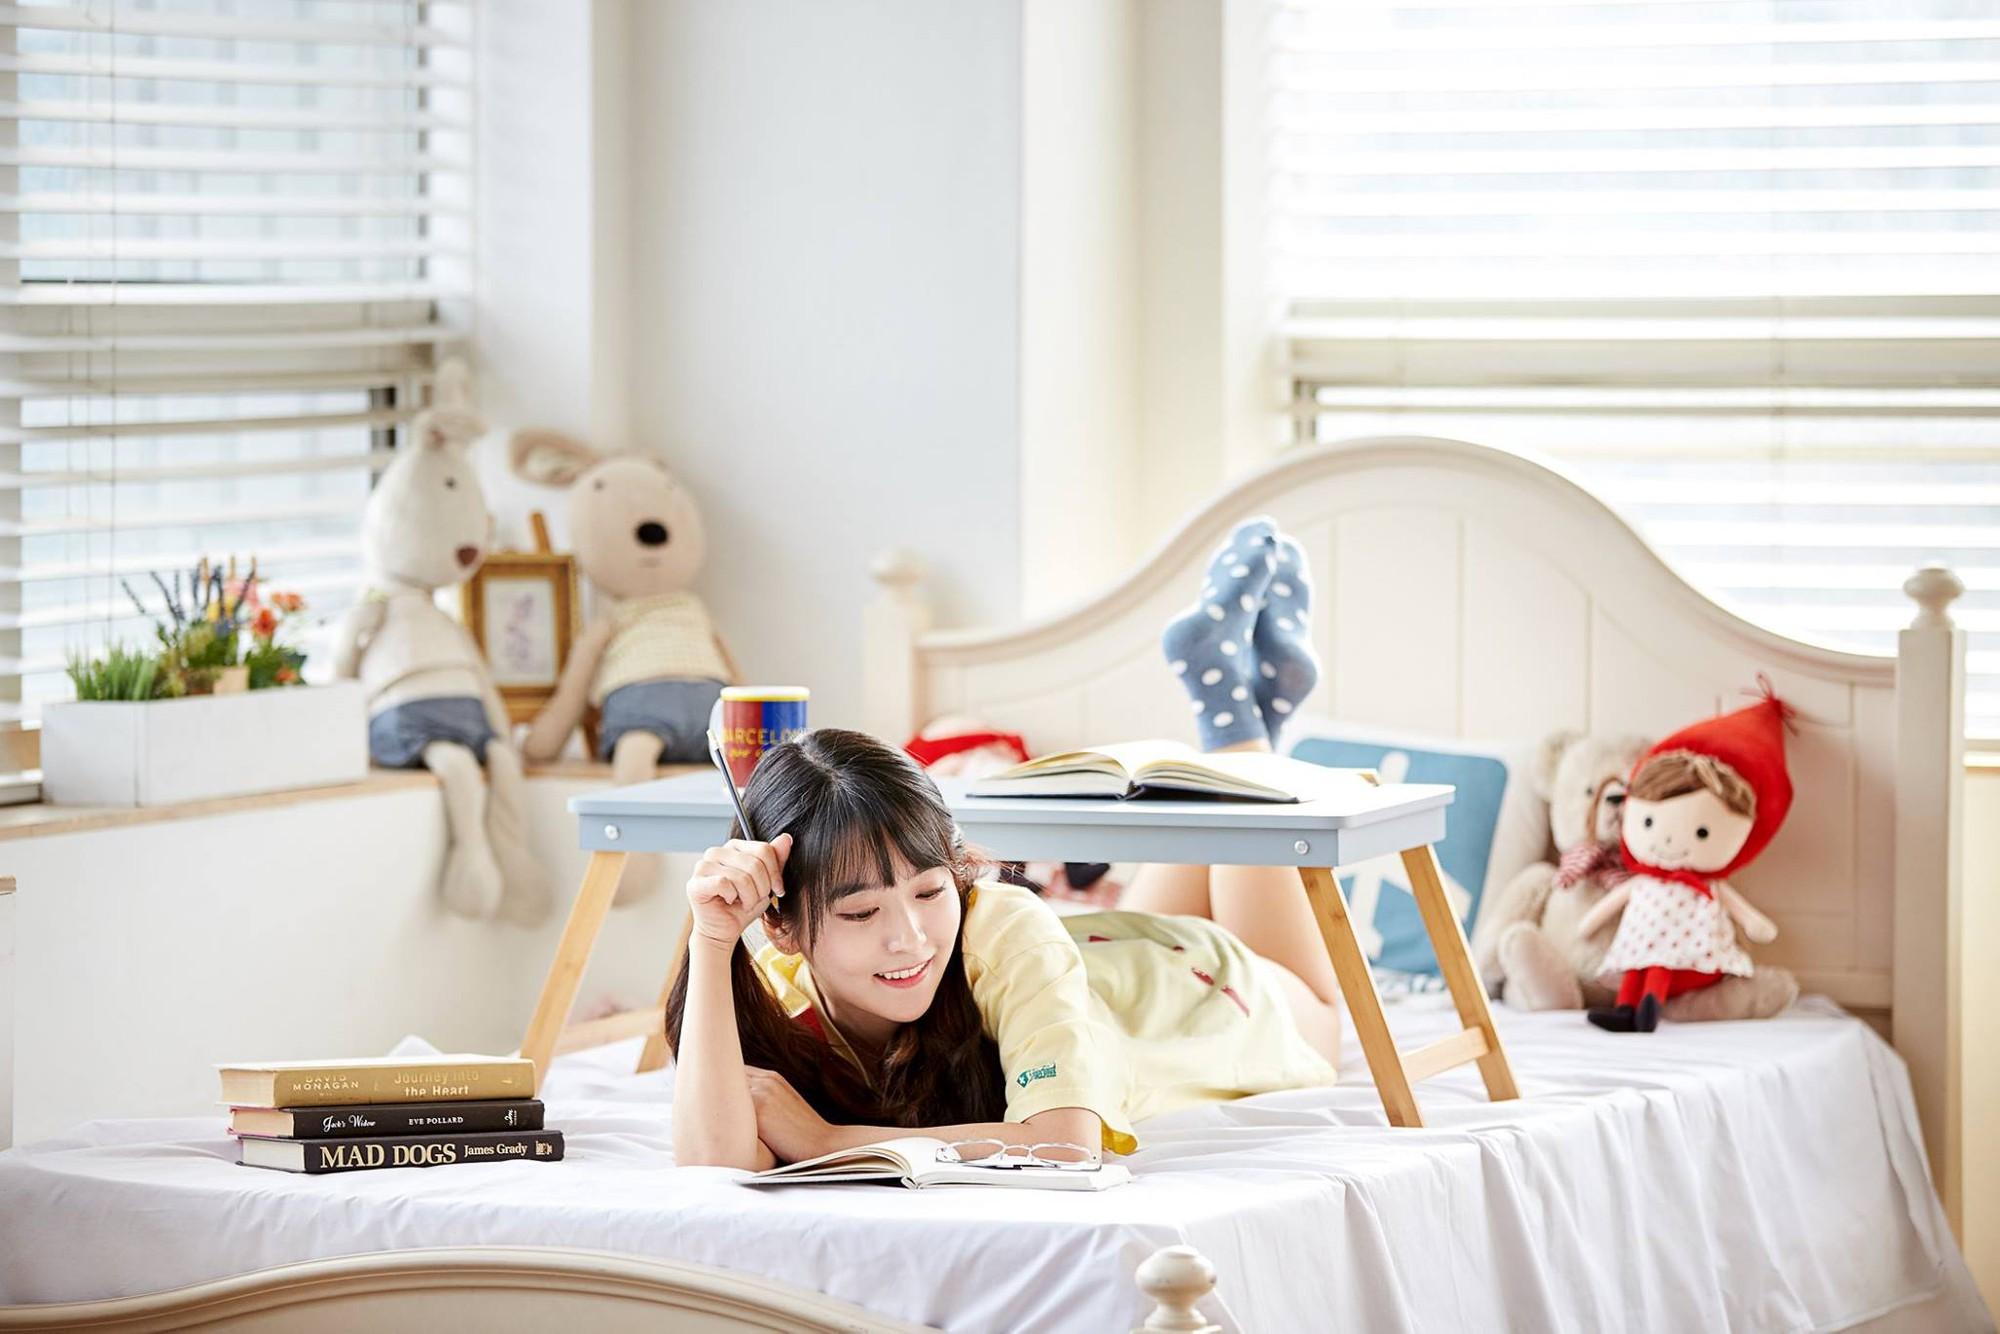 Không chỉ cận thị mà giới trẻ ngày nay còn đối mặt với bệnh loạn thị đang ngày càng phổ biến - Ảnh 3.